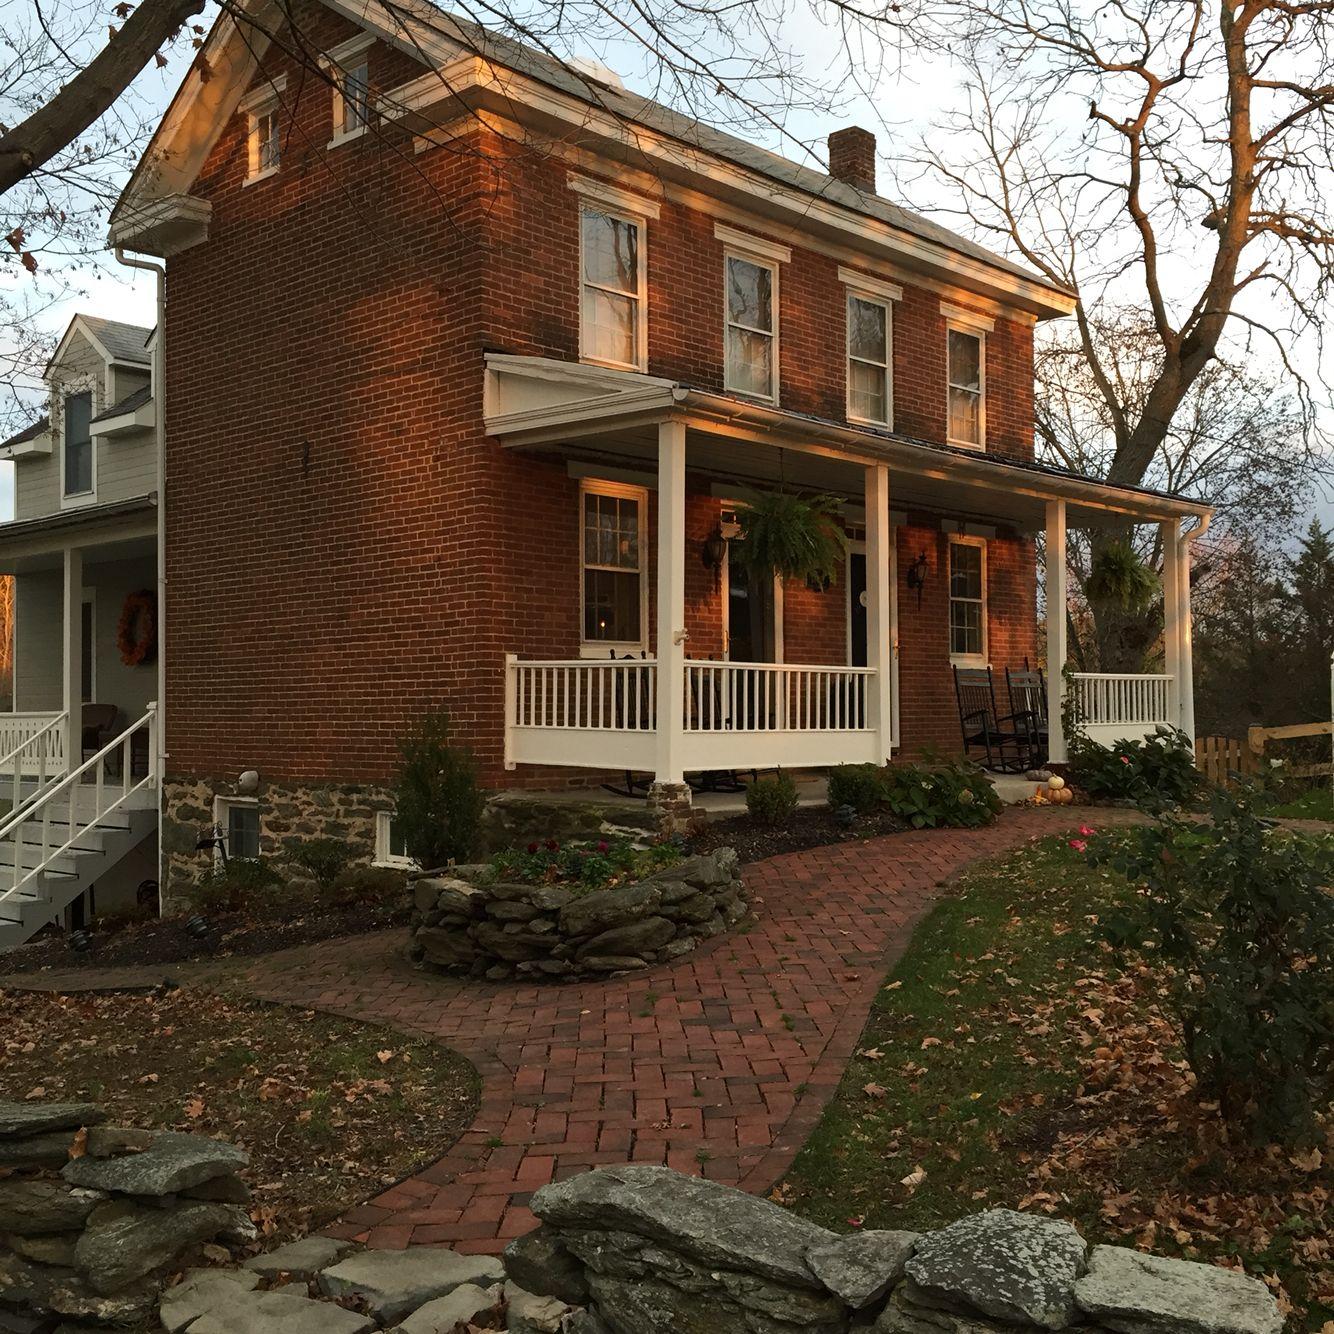 Gorgeous 1870 Brick Farmhouse In 2020 Brick Exterior House Red Brick House Brick Farmhouse